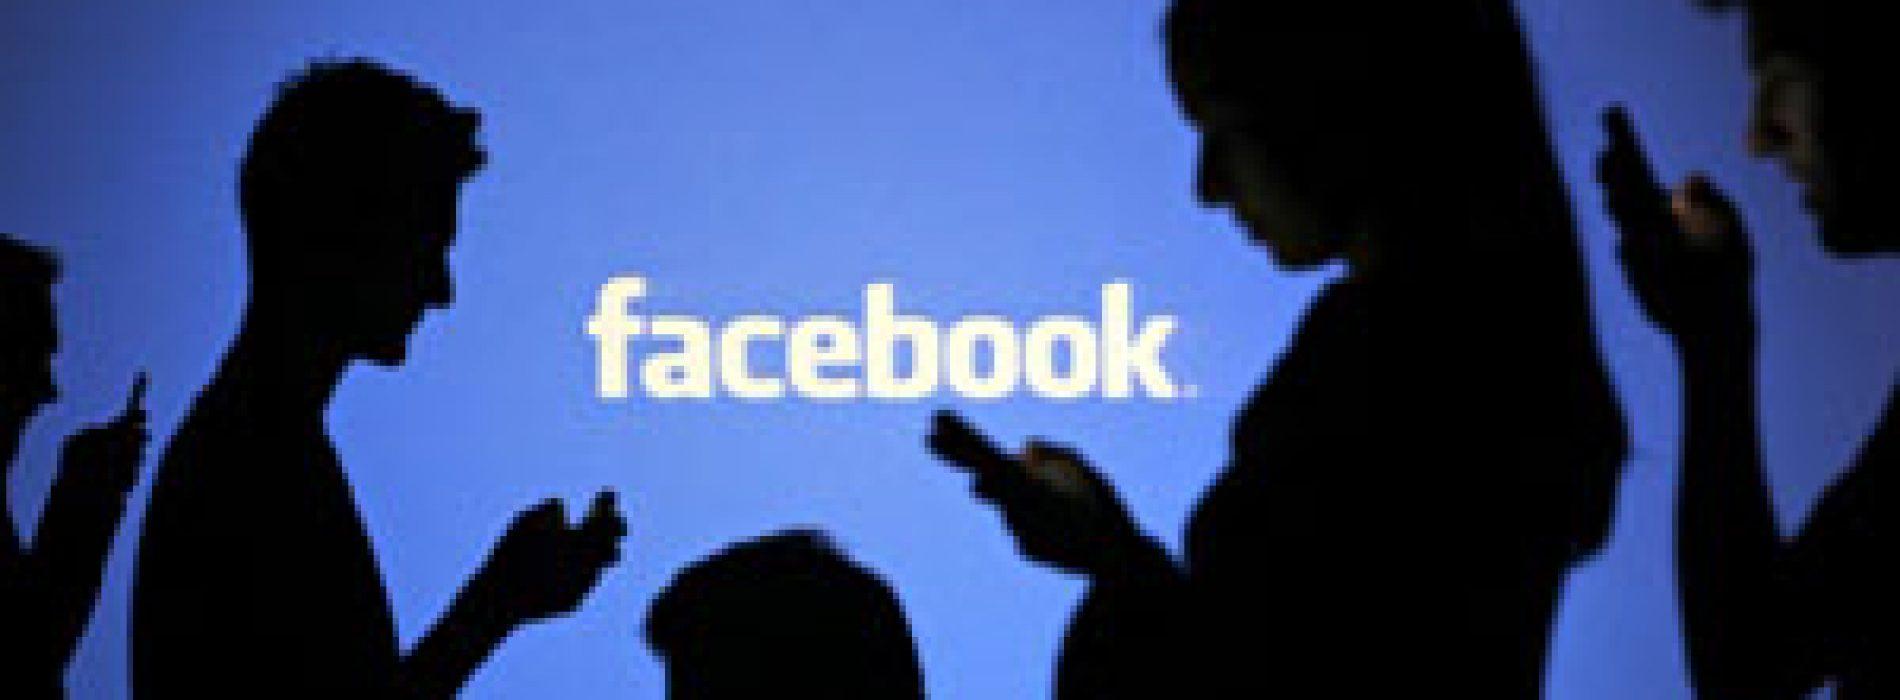 Elecciones presidenciales generaron enorme conversación en Facebook